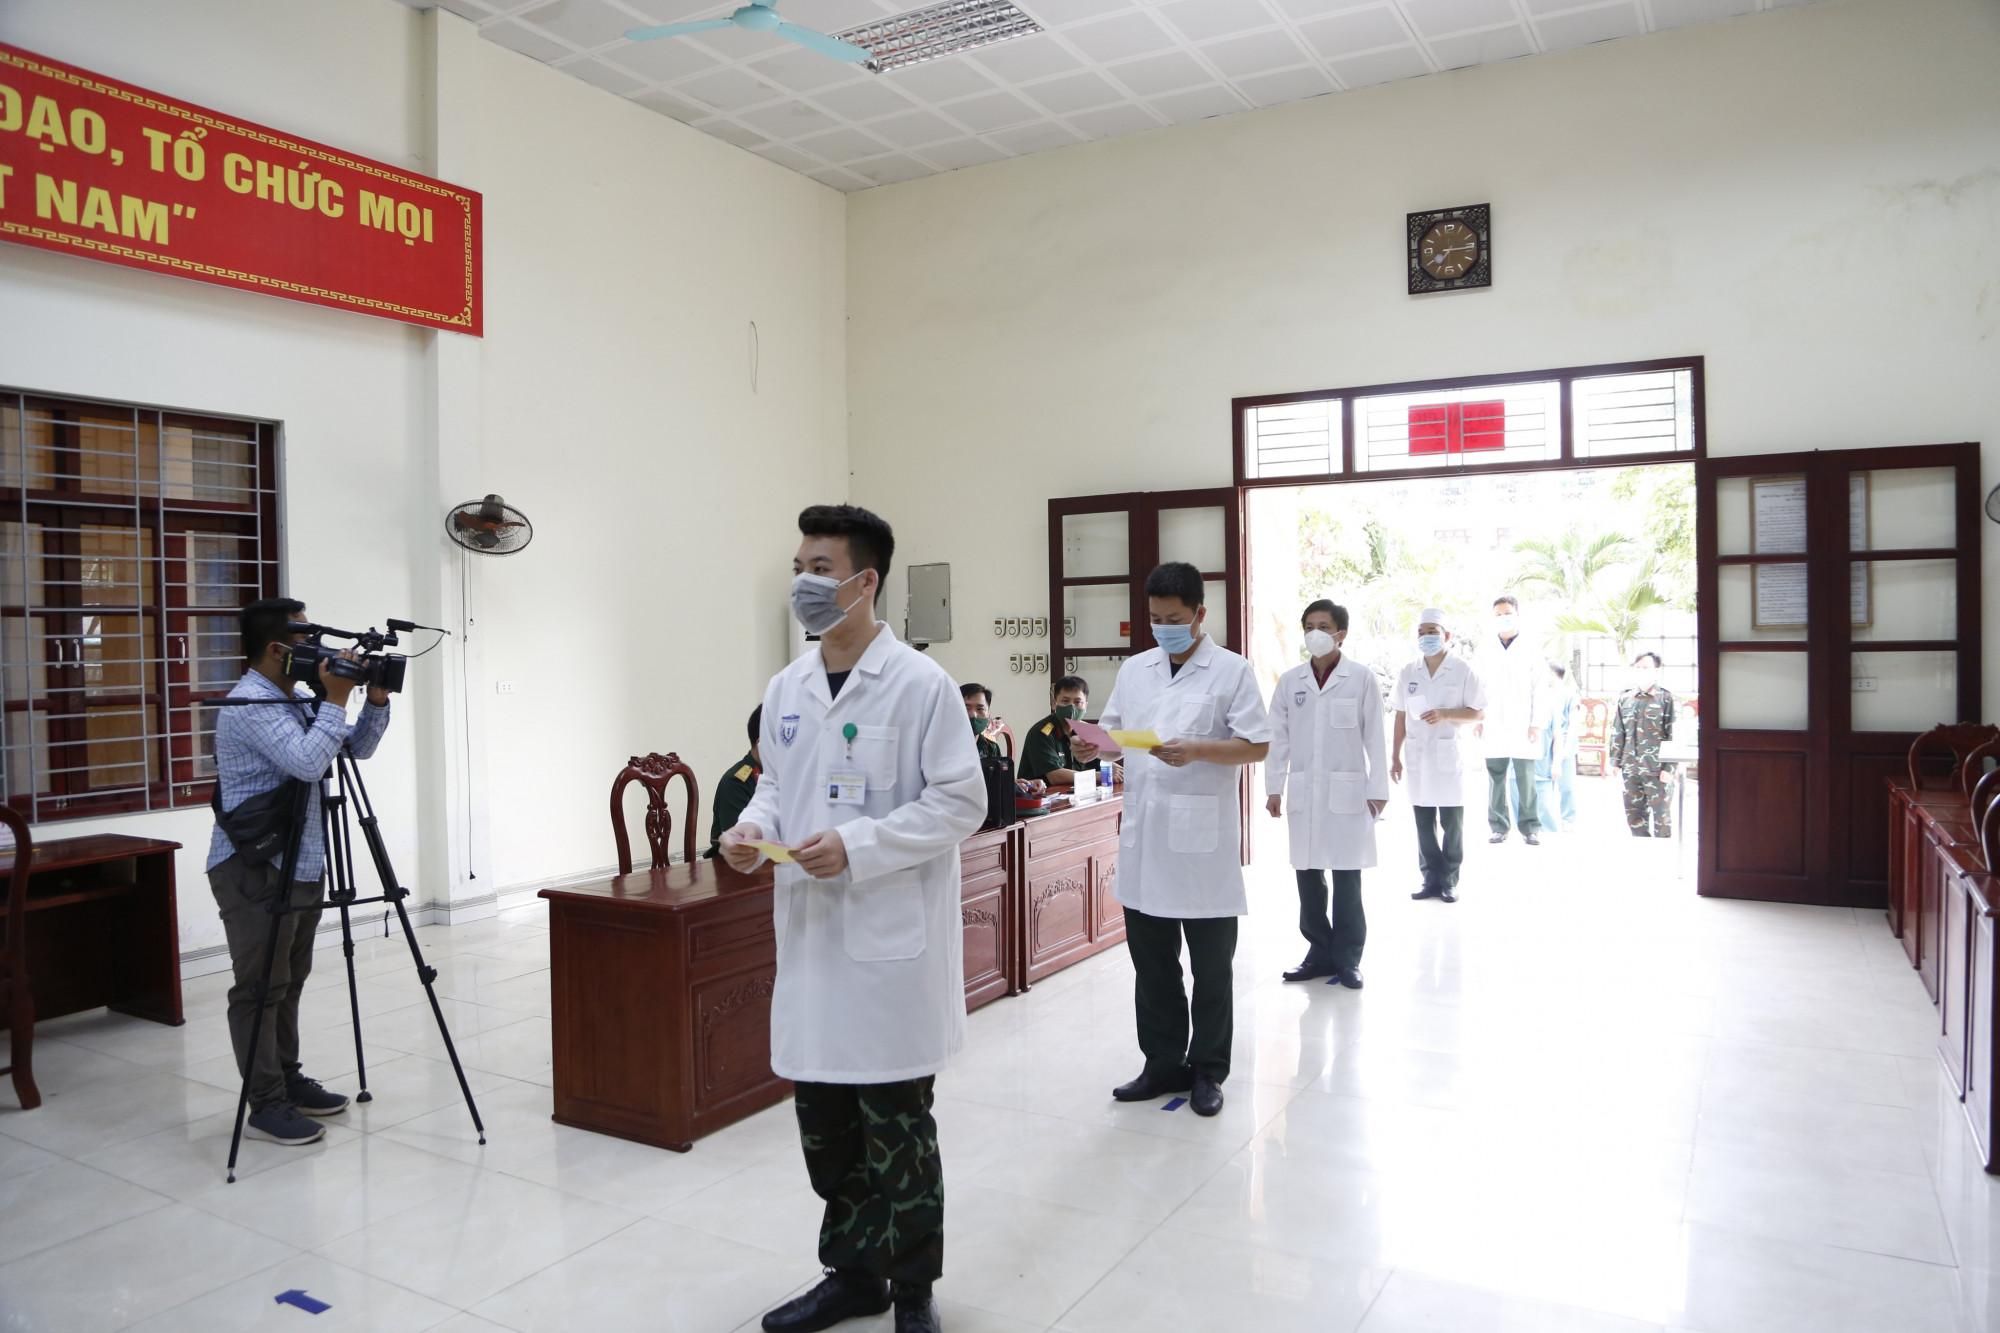 Cuộc bầu cử diễn ra trong bối cảnh Bắc Giang đang tập trung mọi nguồn lực để phòng, chống dịch